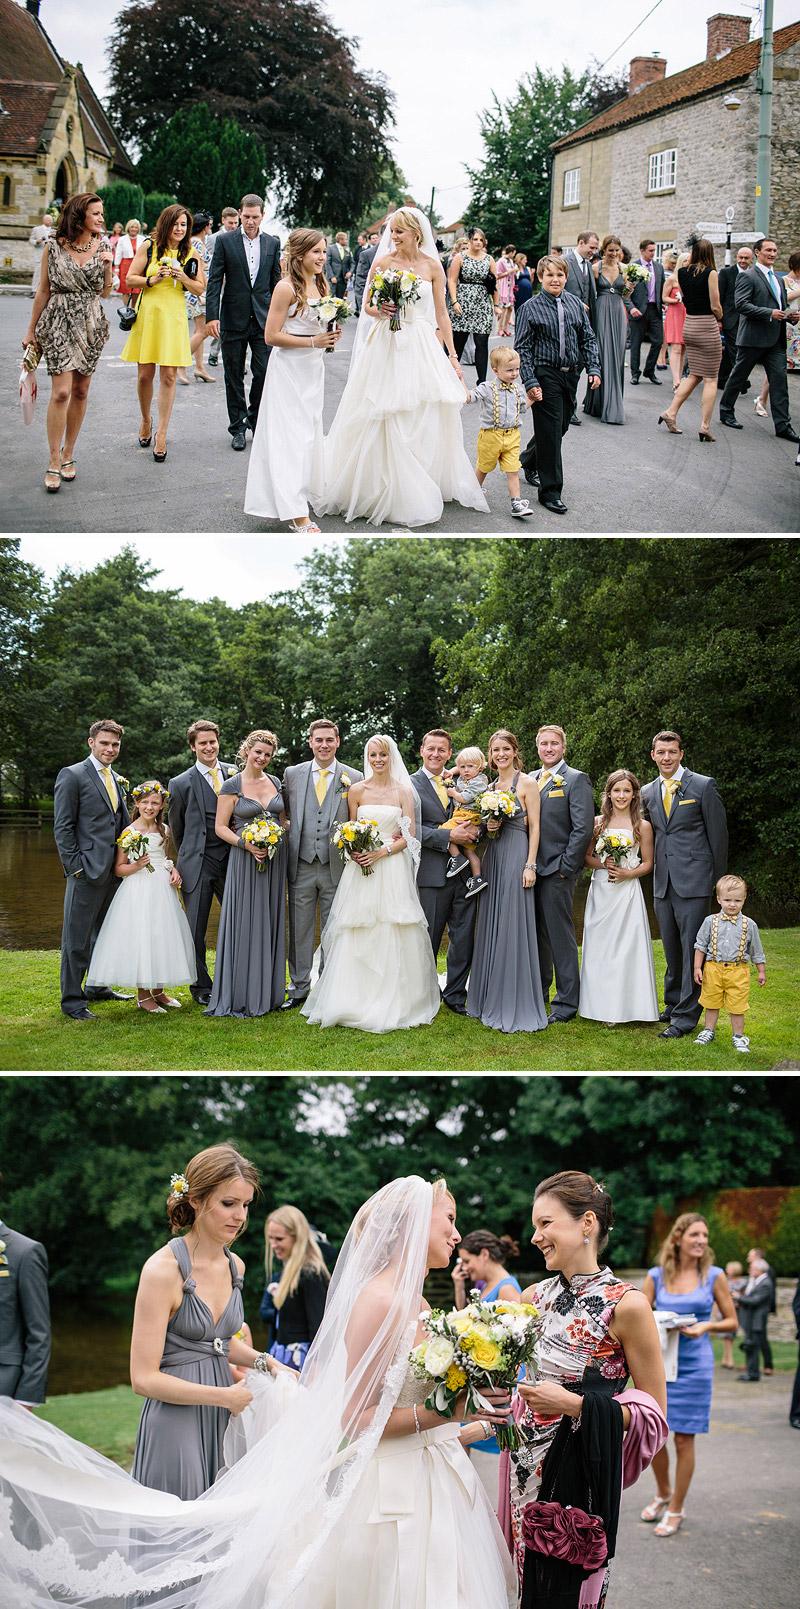 Christian-Ward-wedding-party